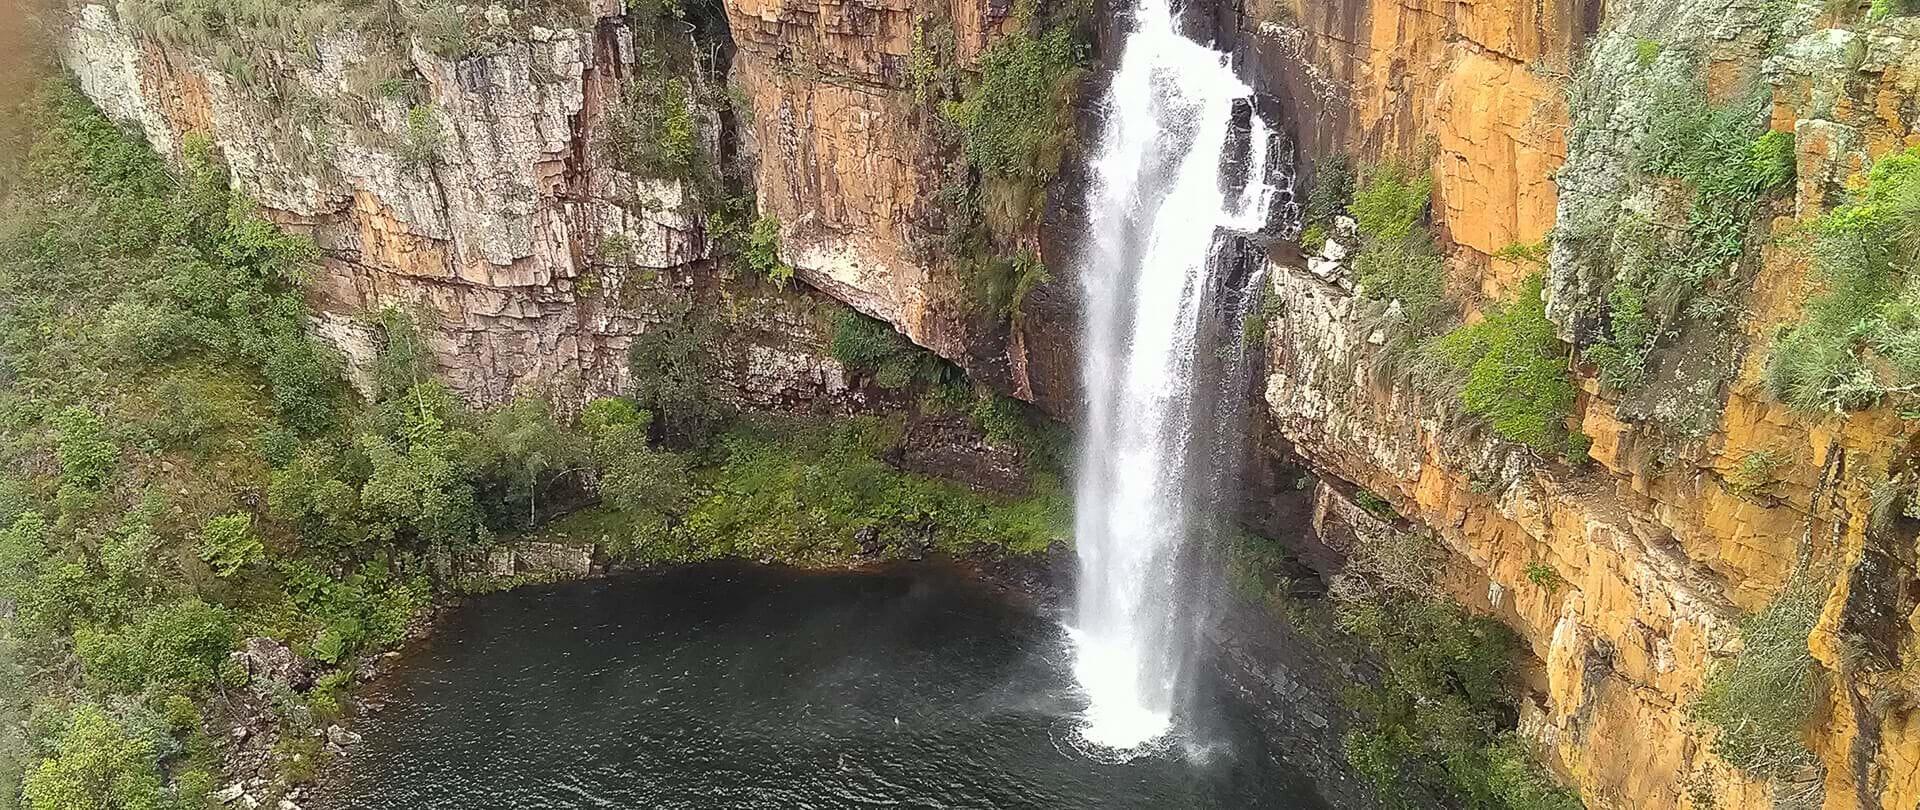 cascades-sabie-afrique-du-sud-decouverte